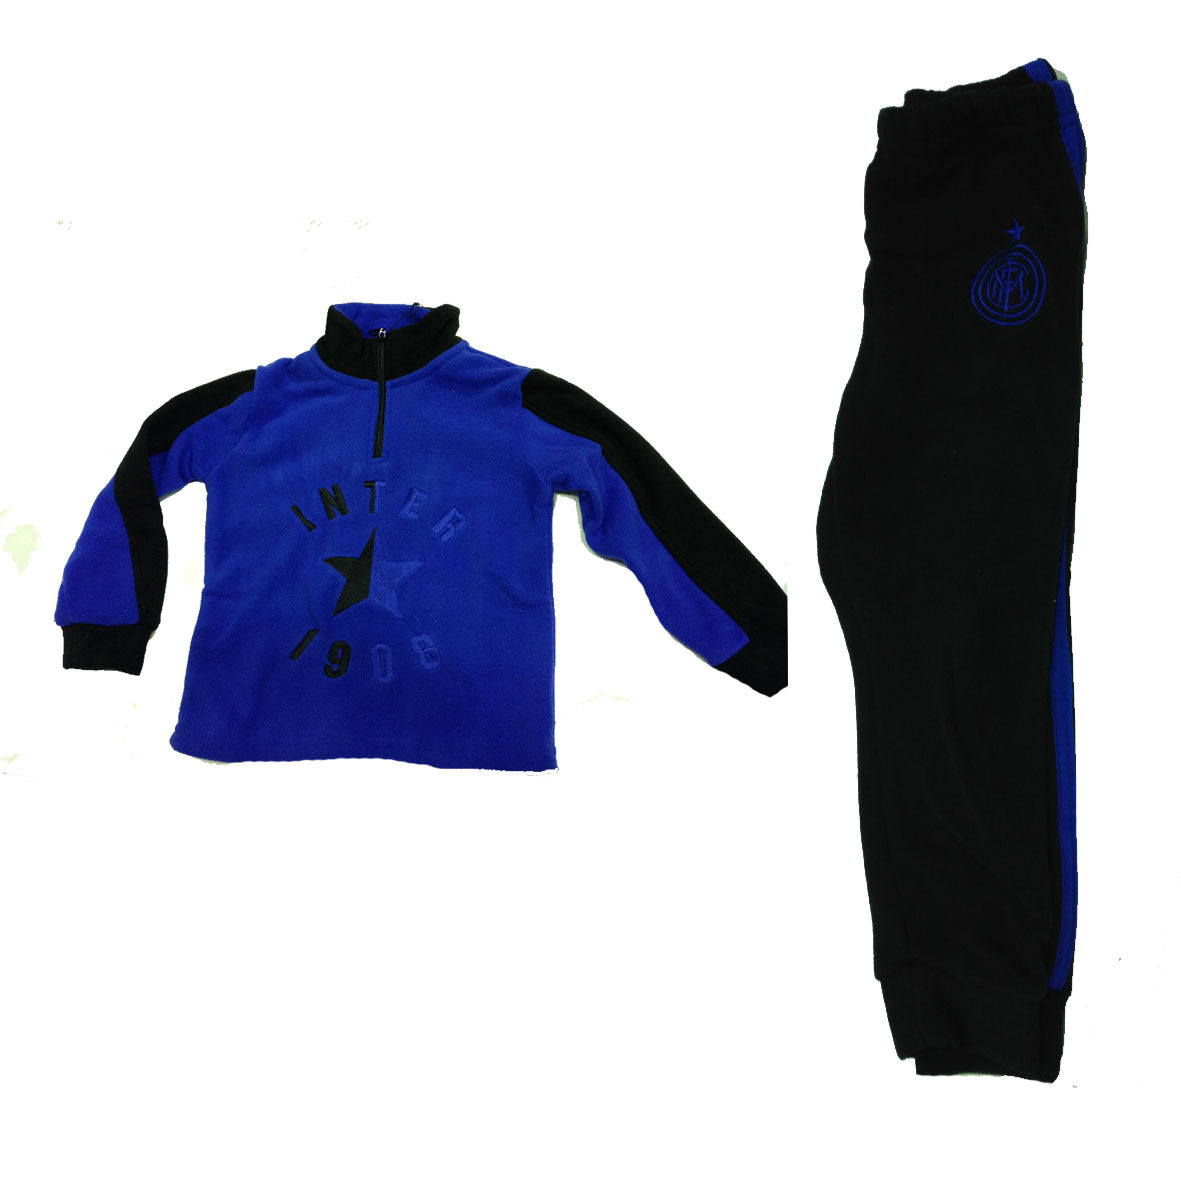 INTER pigiama lungo in morbido pile da bimbo varie taglie prodotto ufficiale